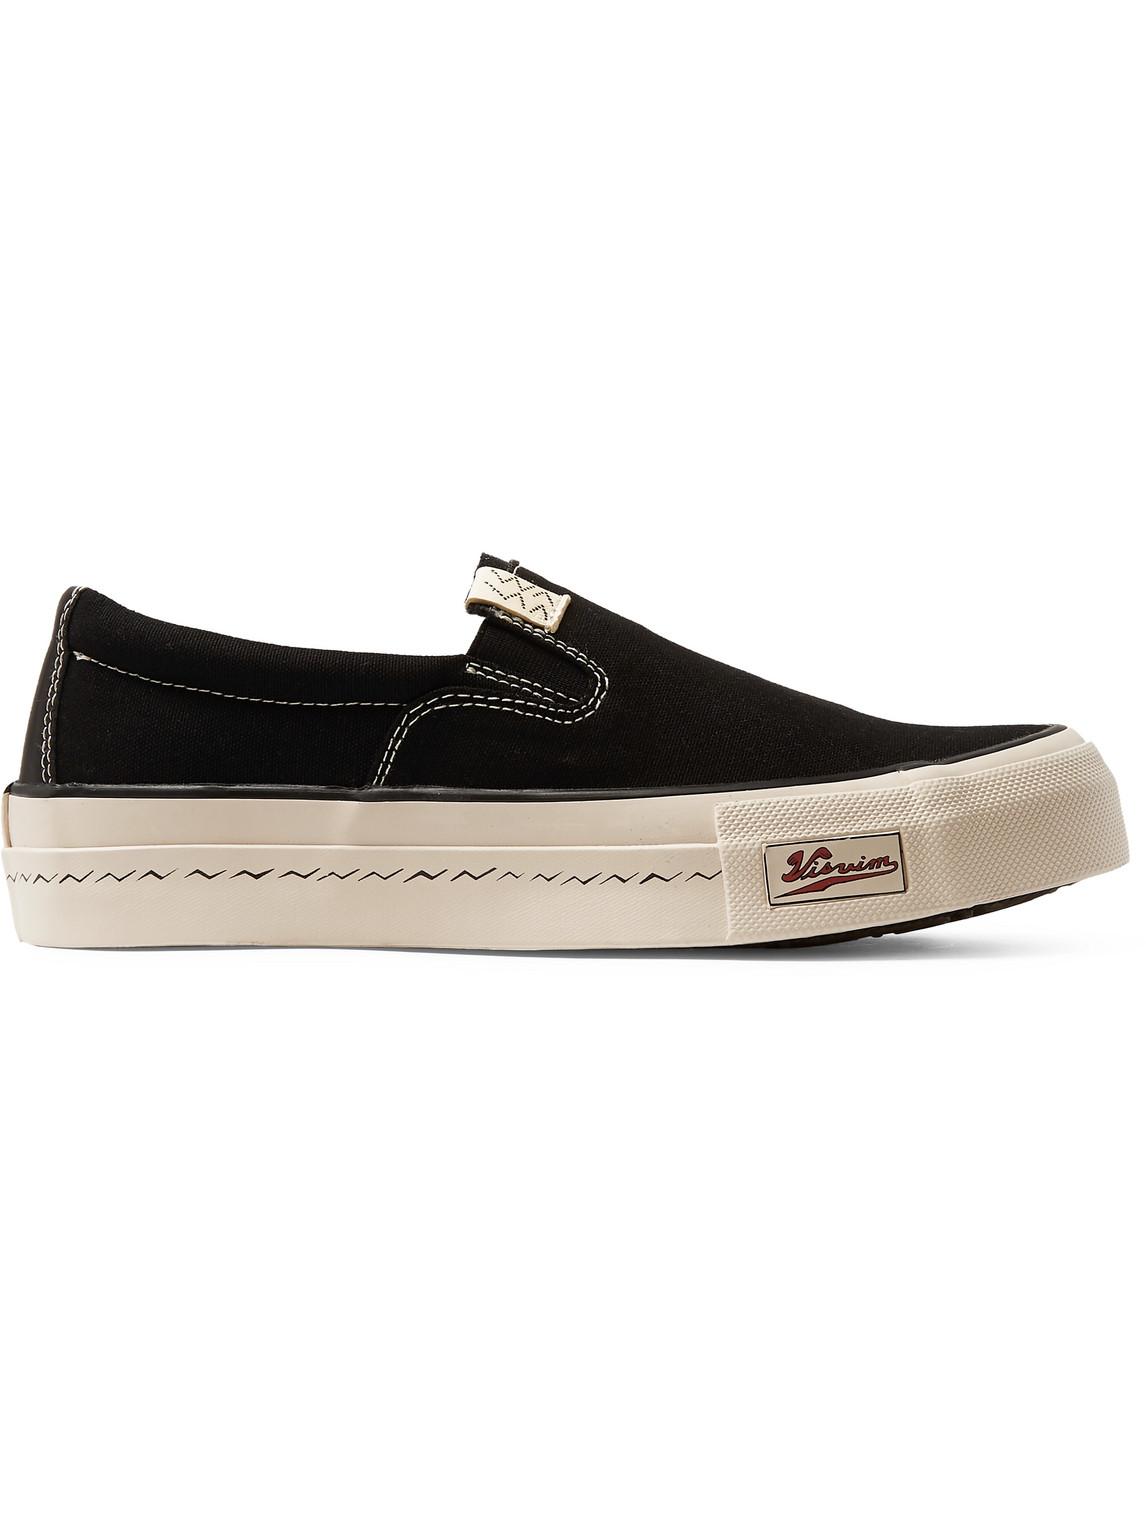 Visvim - Skagway Canvas Slip-On Sneakers - Men - Black - Us 8